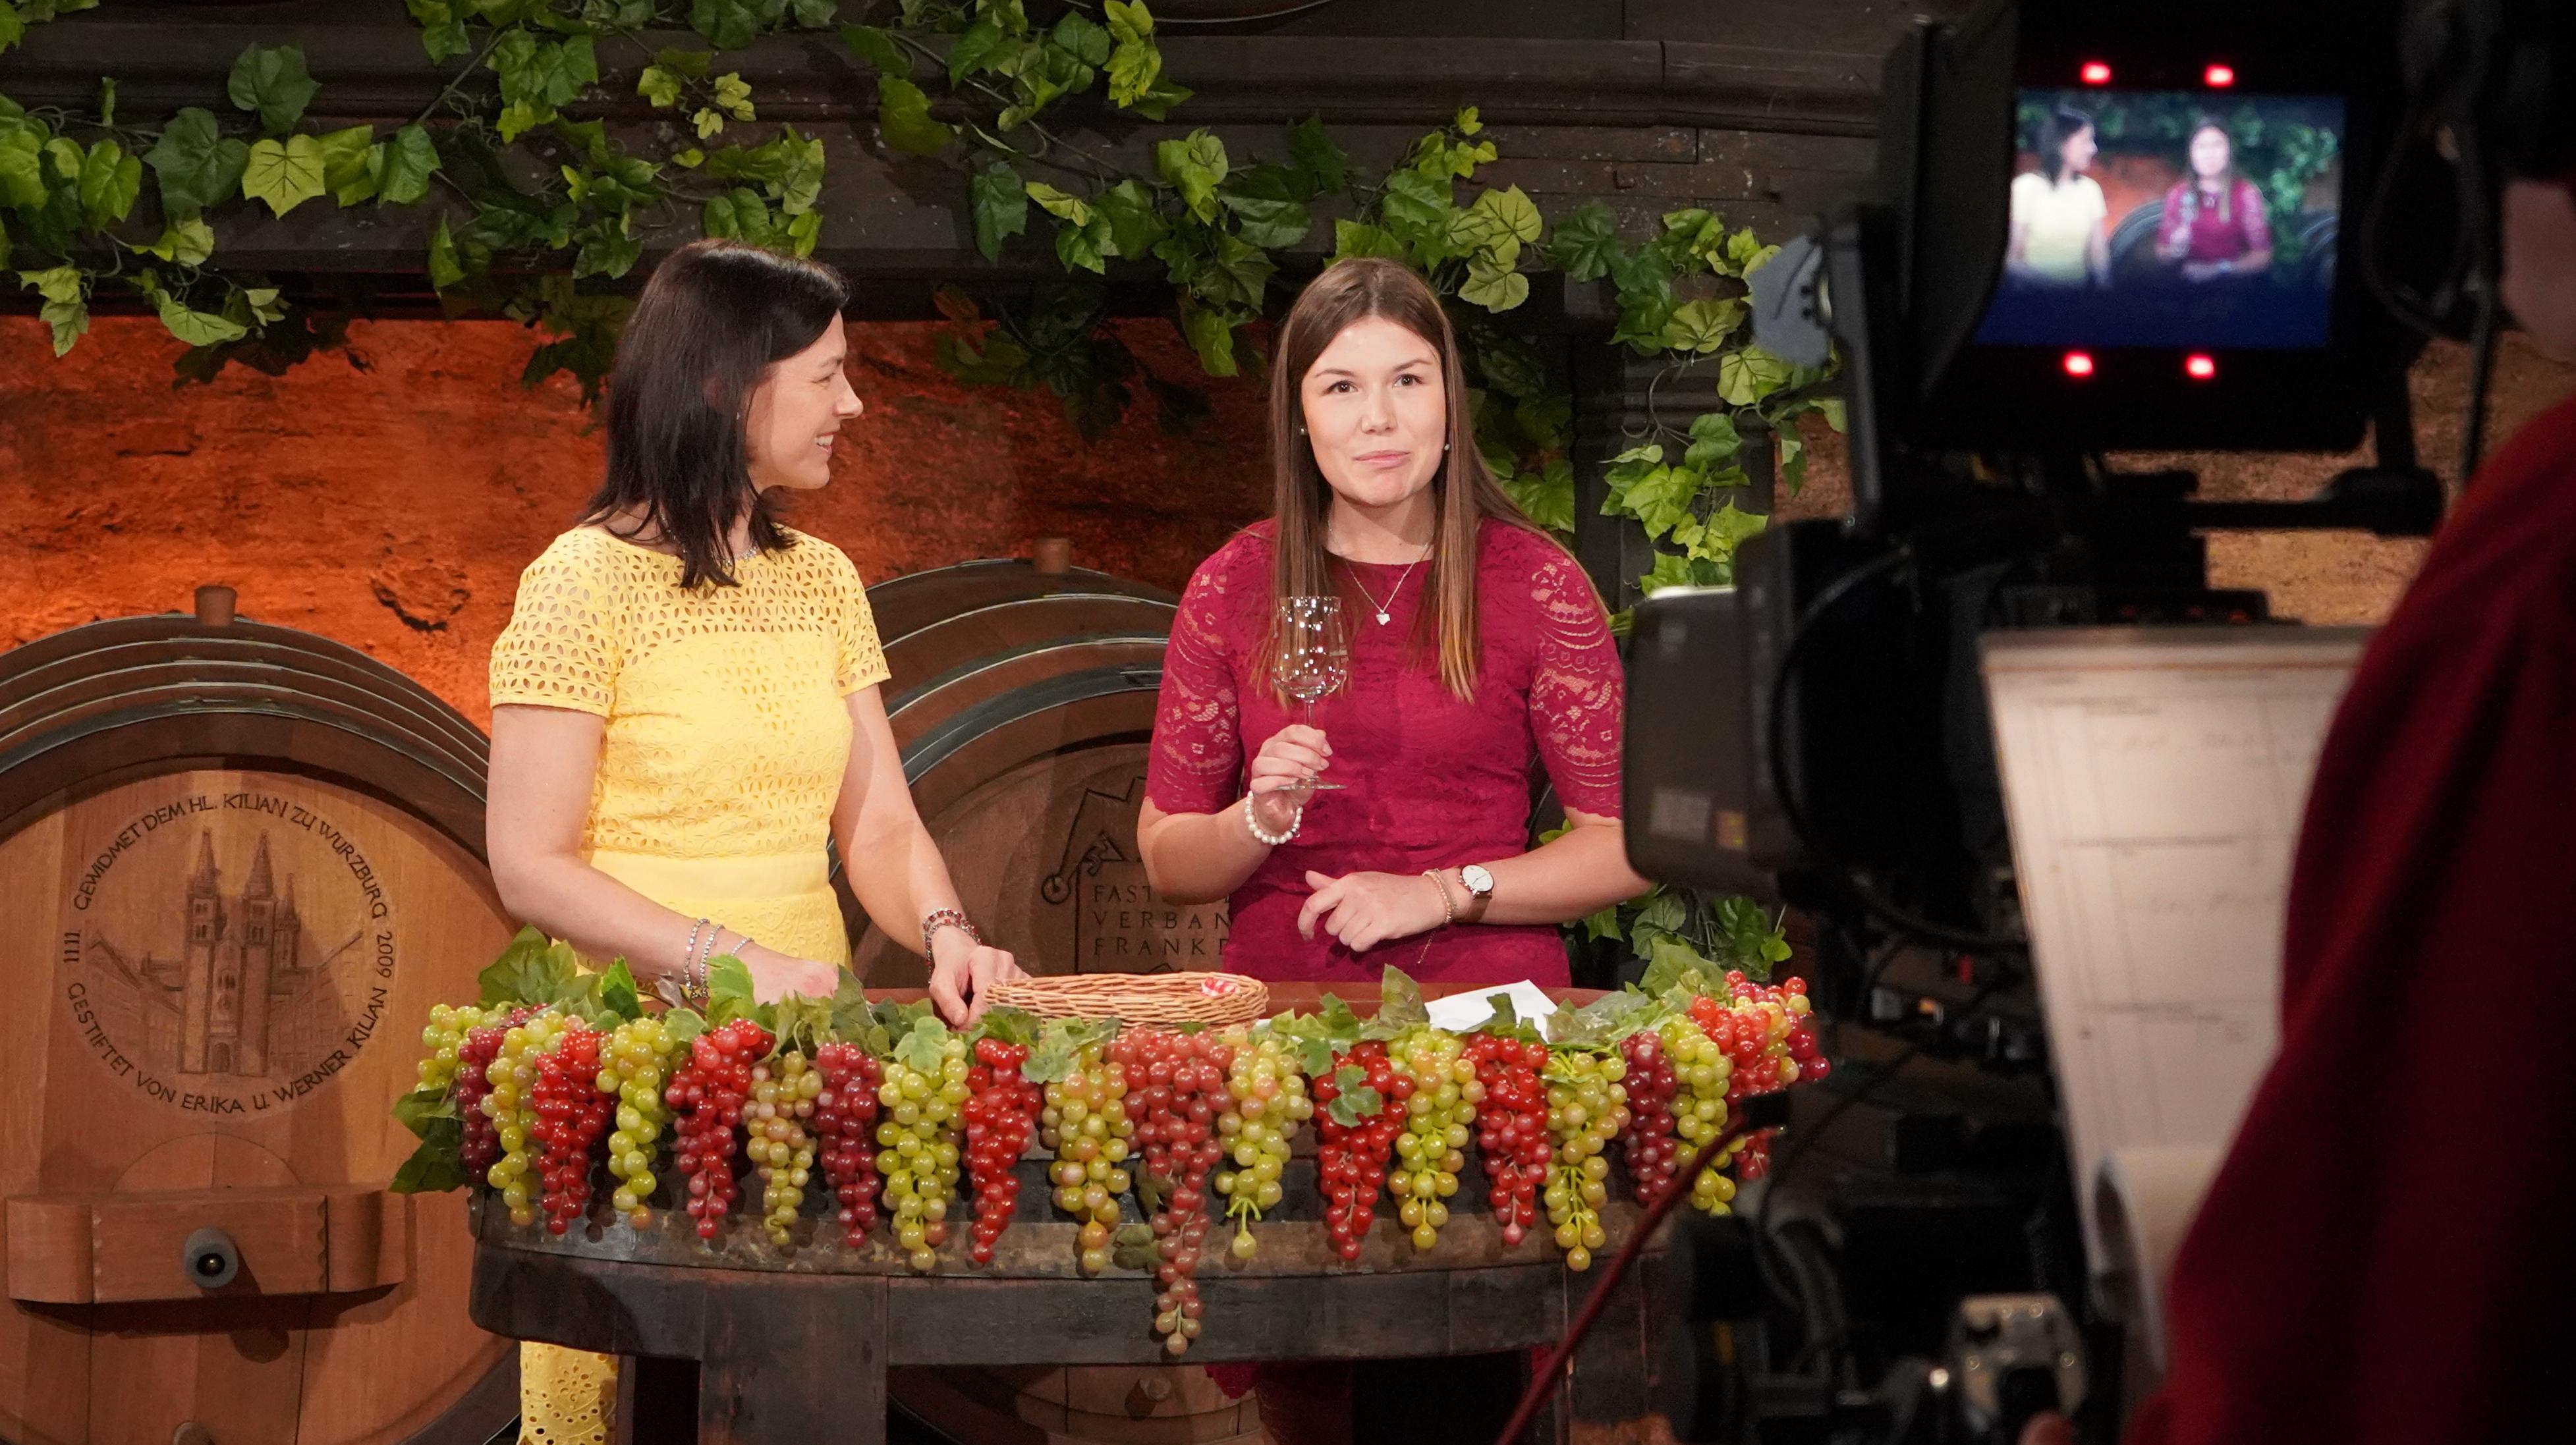 Zwei Frauen - eine hält ein Weinglas in der Hand